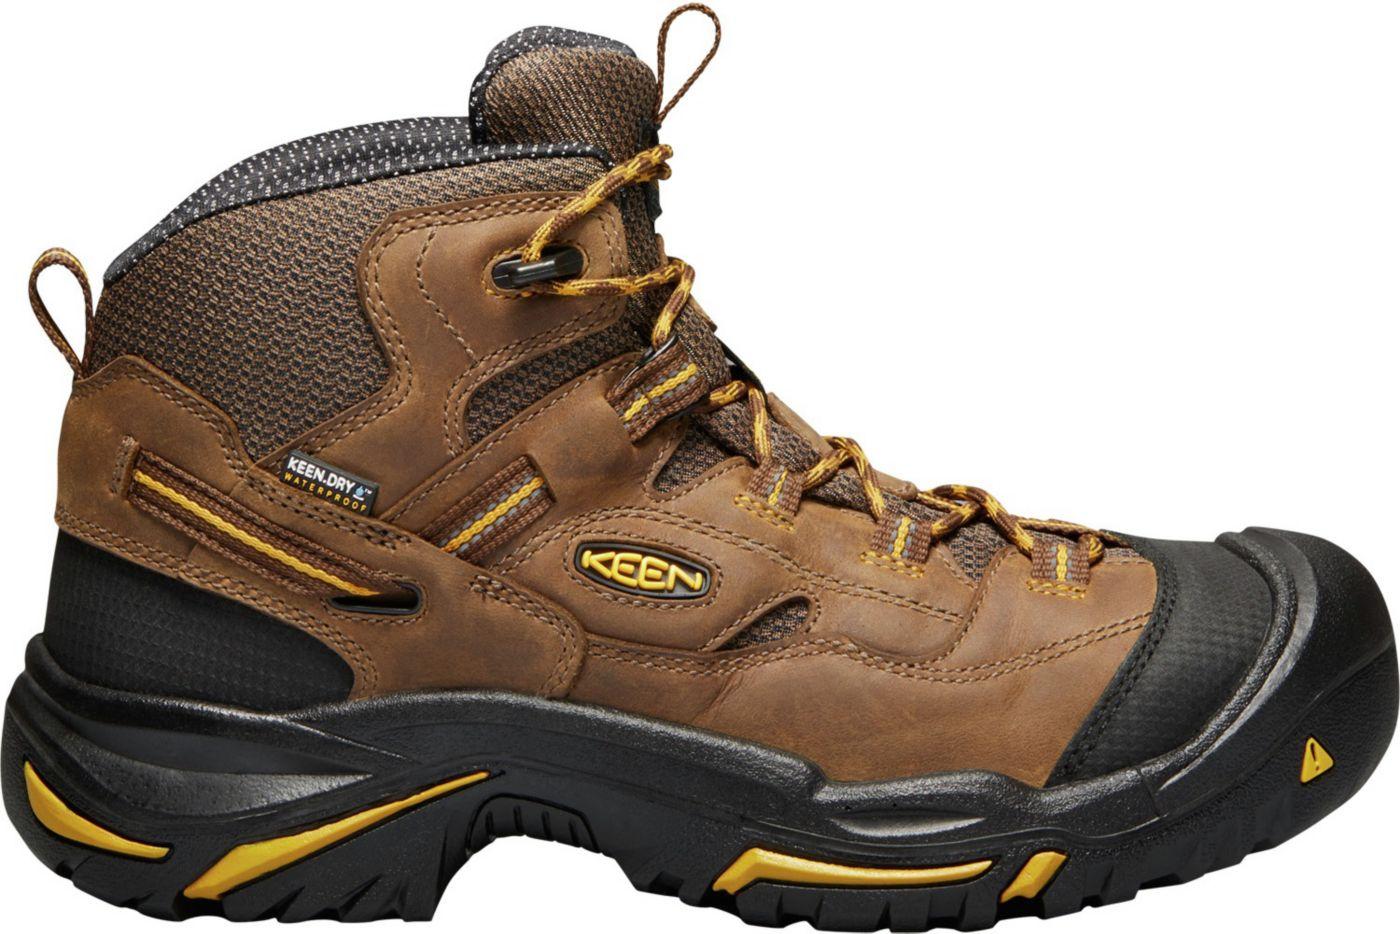 KEEN Men's Braddock Mid Waterproof Work Boots